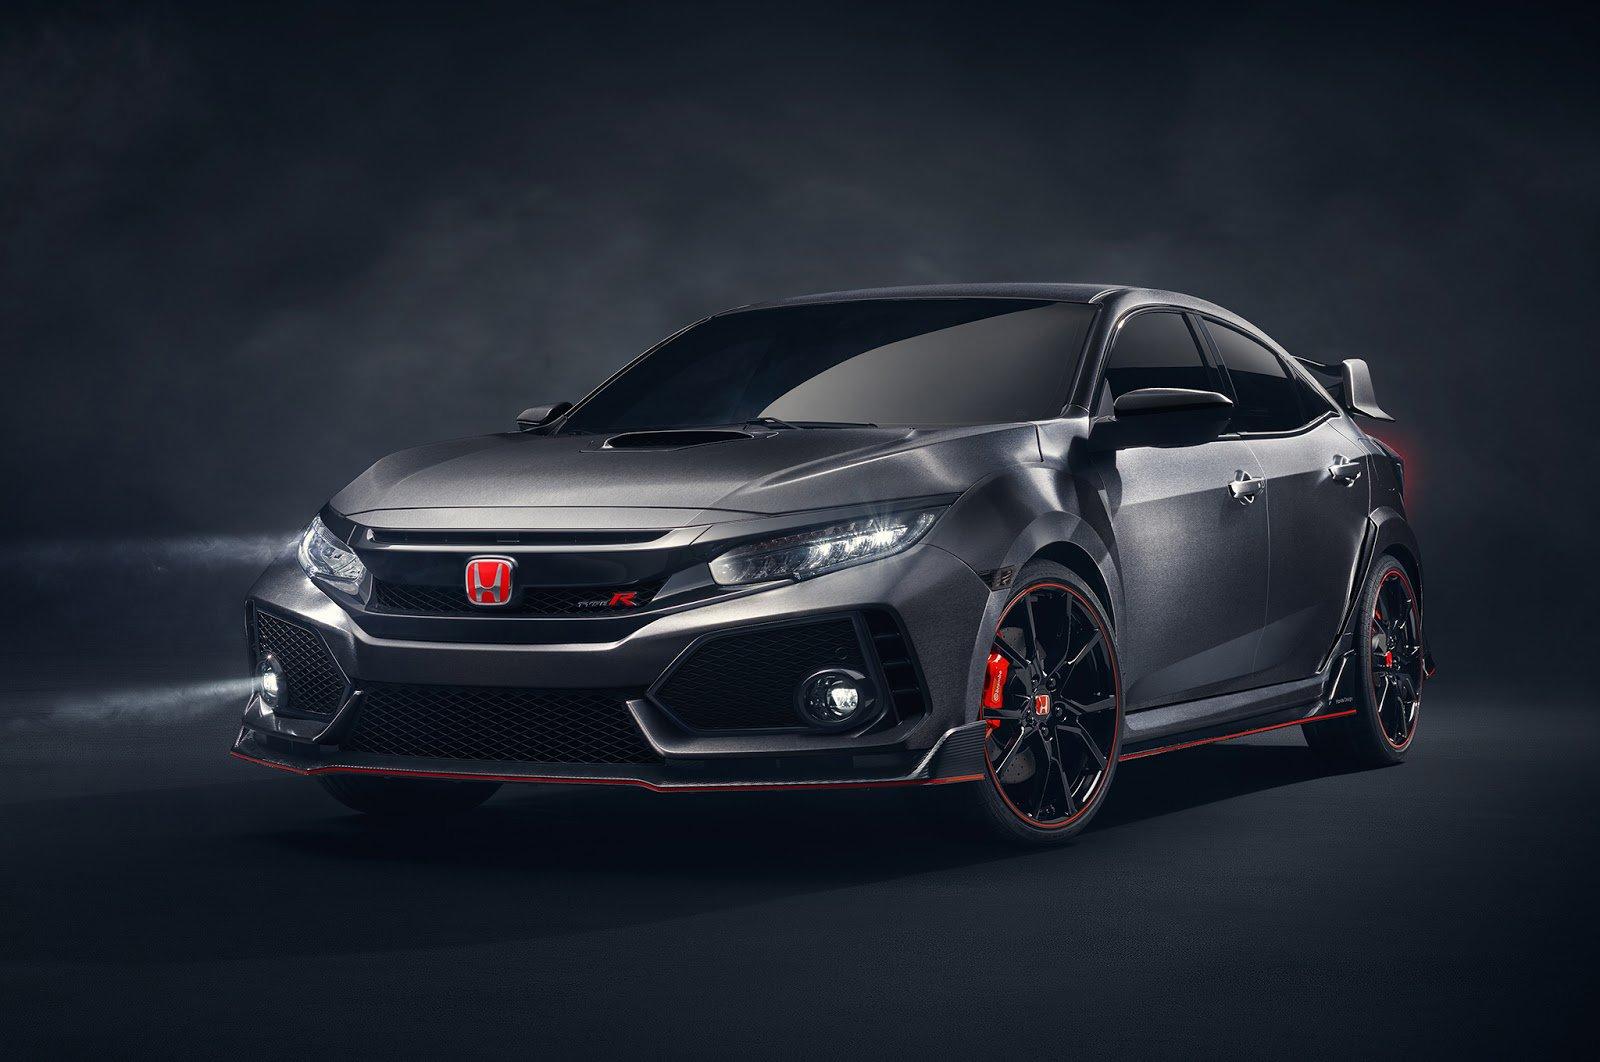 Новая версия Honda Civic Type-R выйдет в 2017 году